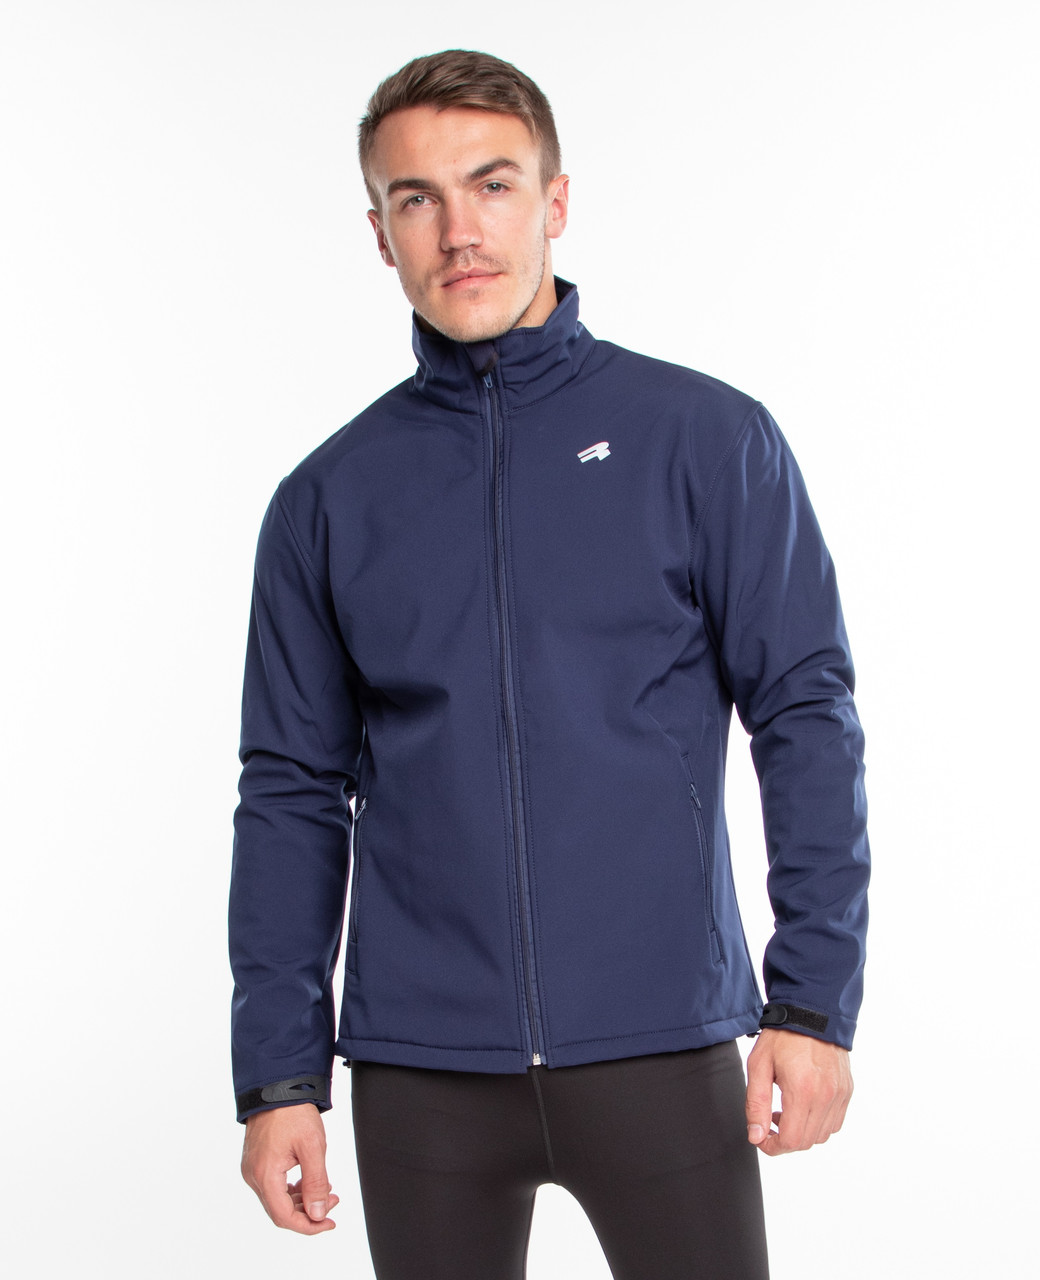 Мембранная куртка Rough Radical Crag унисекс, ветровка-софтшелл на мембране, непромокаемая, ветрозащитная SportLavka